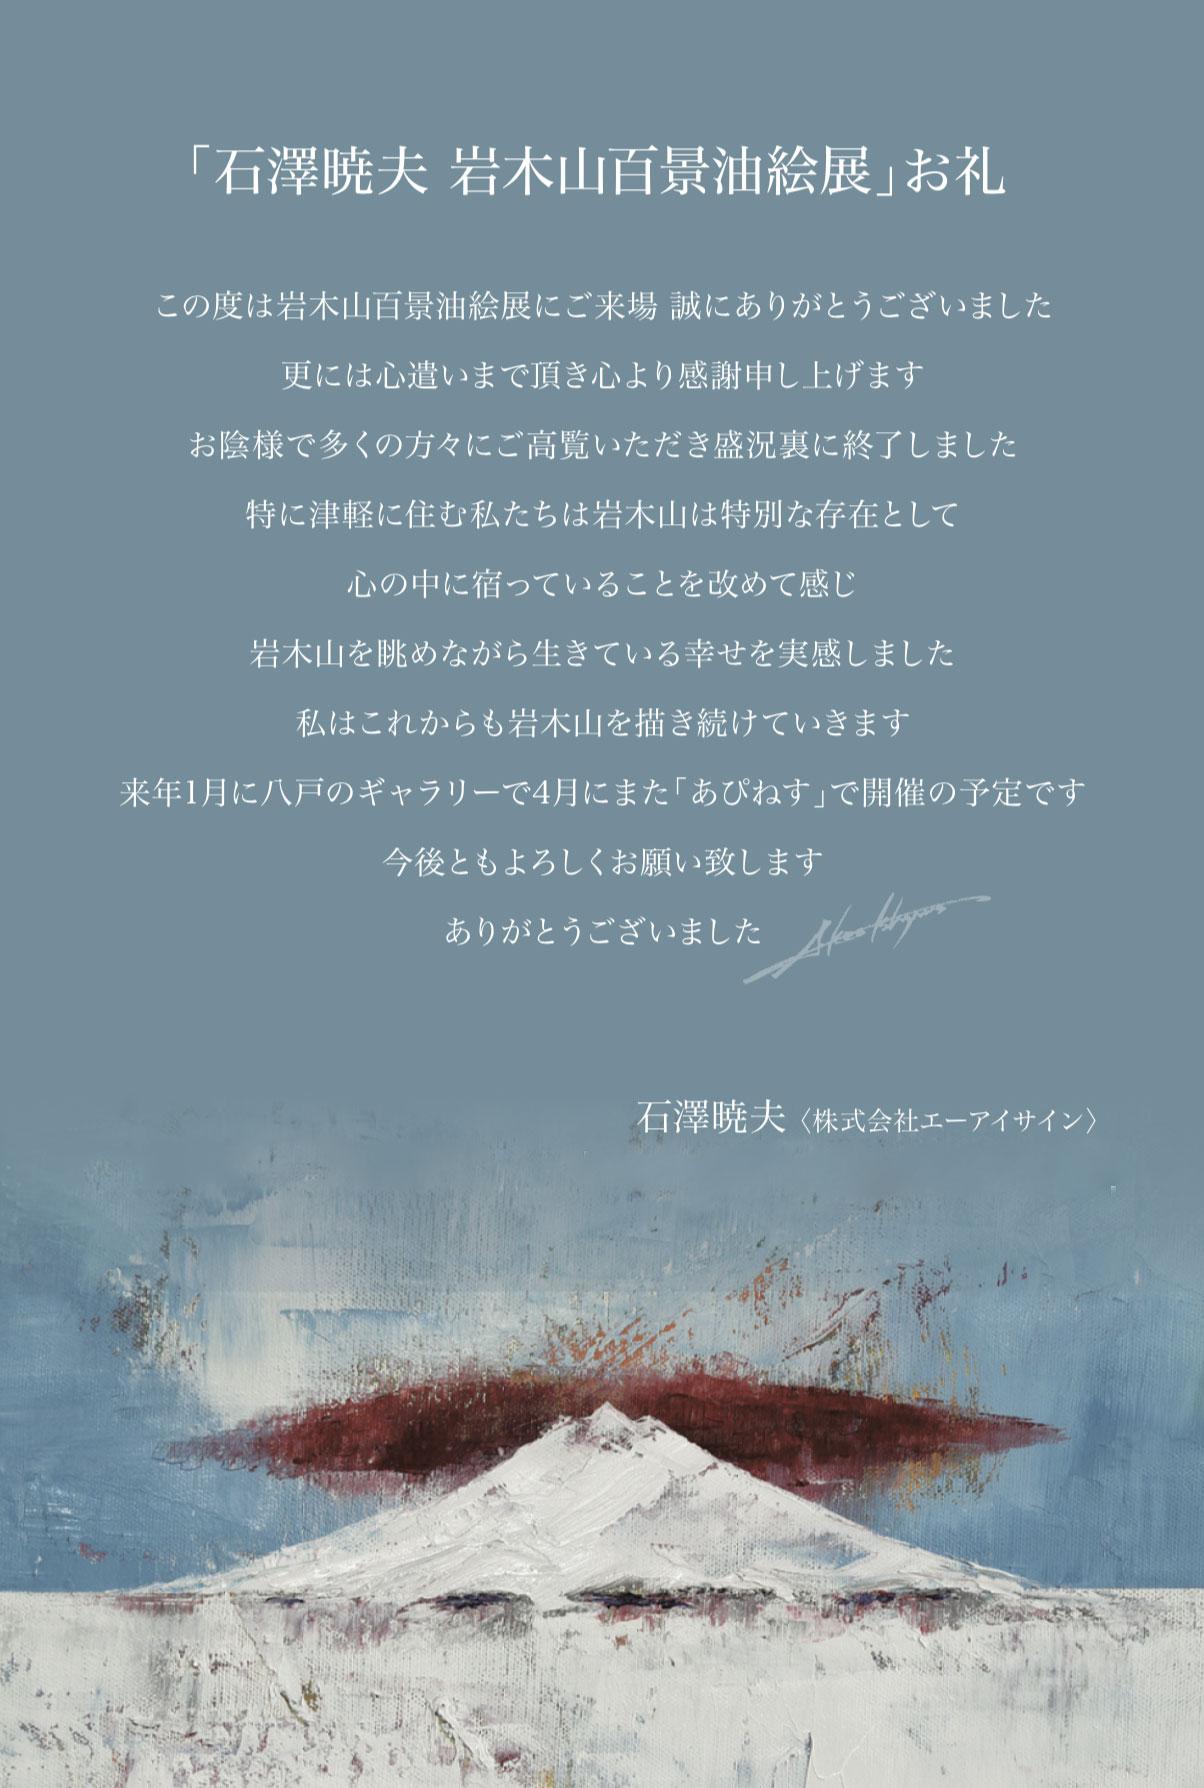 石澤暁夫作品展「岩木山百景油絵展」 お礼状